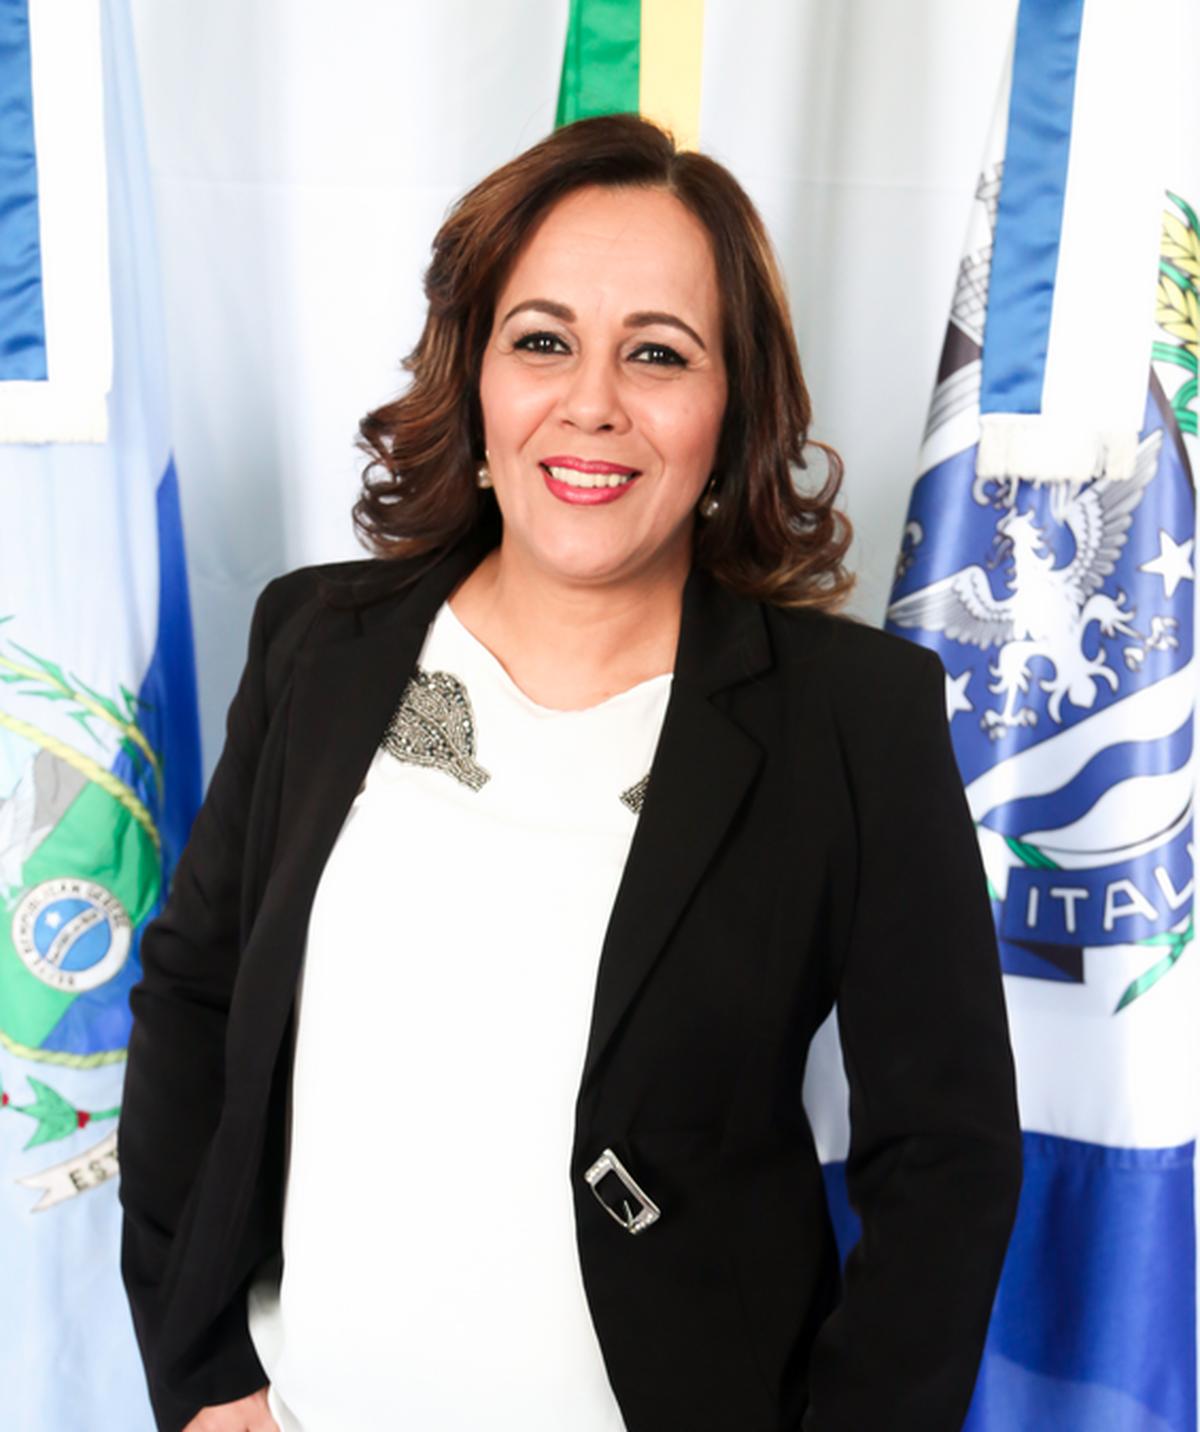 Justiça condena prefeita e vice de Italva, RJ, por compra de votos; cabe recurso